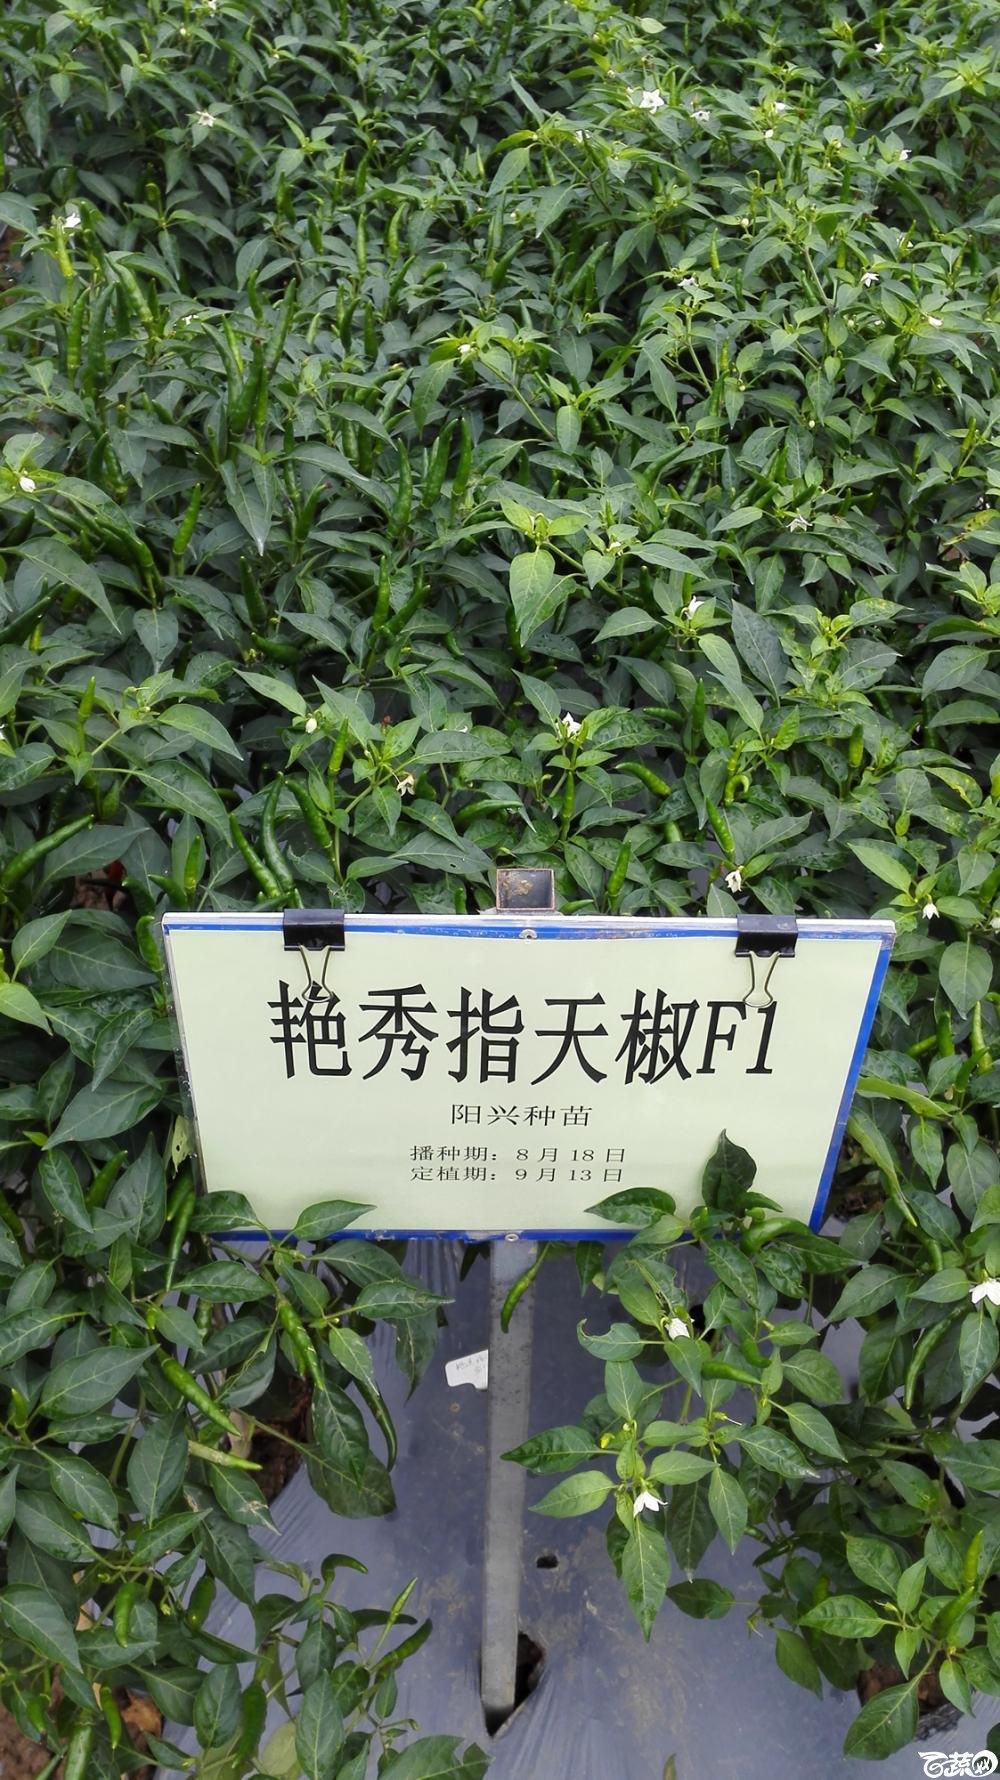 2014年12月8号中山蔬菜新品种展示会_辣椒_076.jpg